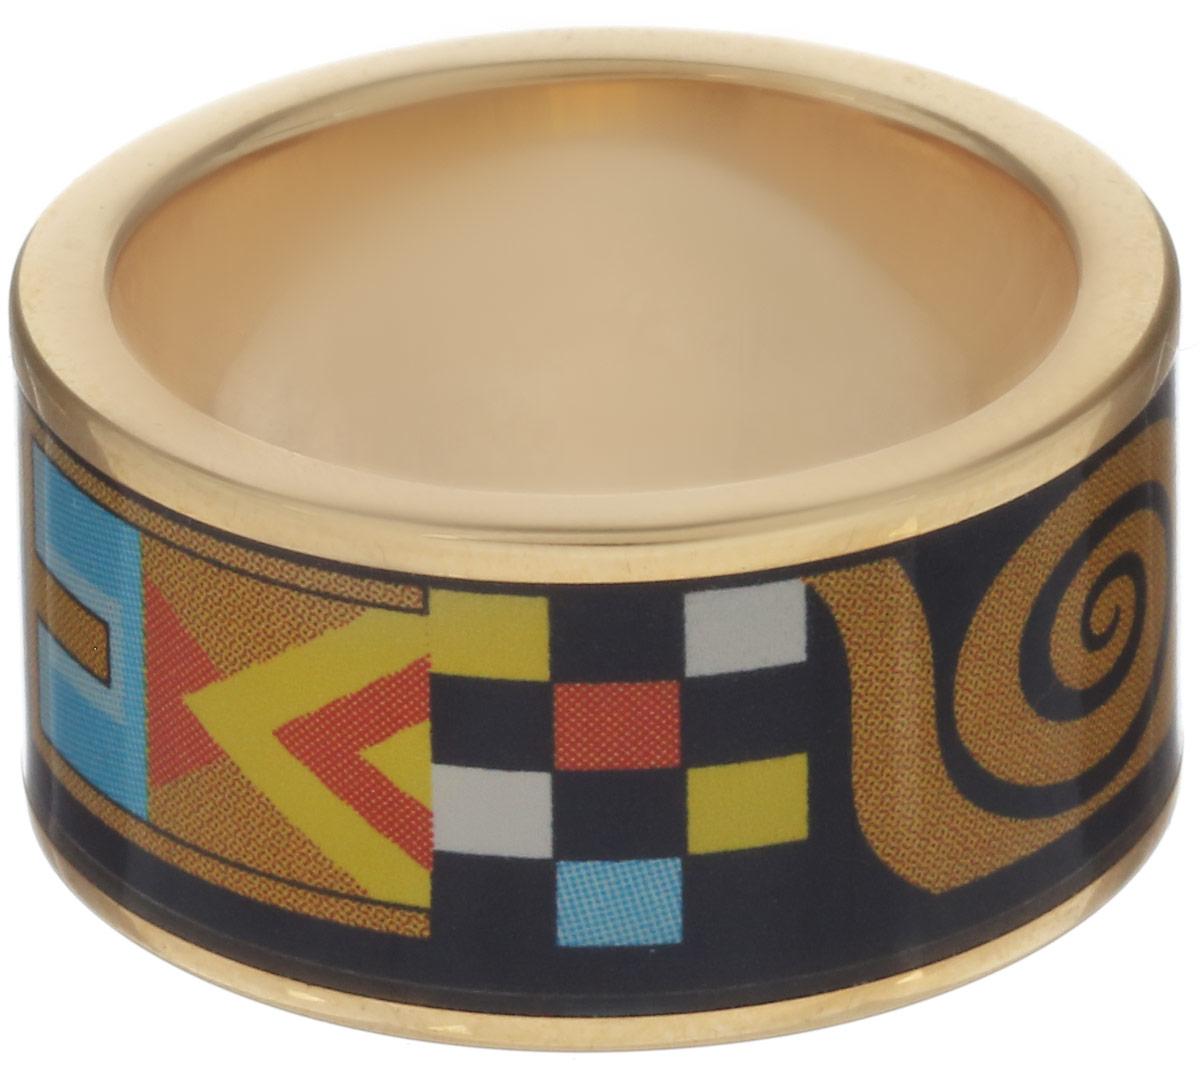 Кольцо Art-Silver, цвет: серебристый, черный, горчичный. ФК110-1-320. Размер 16,5ФК110-1-320Стильное кольцо Art-Silver изготовлено из бижутерного сплава. Изделие оформлено оригинальным принтом и покрыто эмалью. Стильное кольцо придаст вашему образу изюминку и подчеркнет индивидуальность.